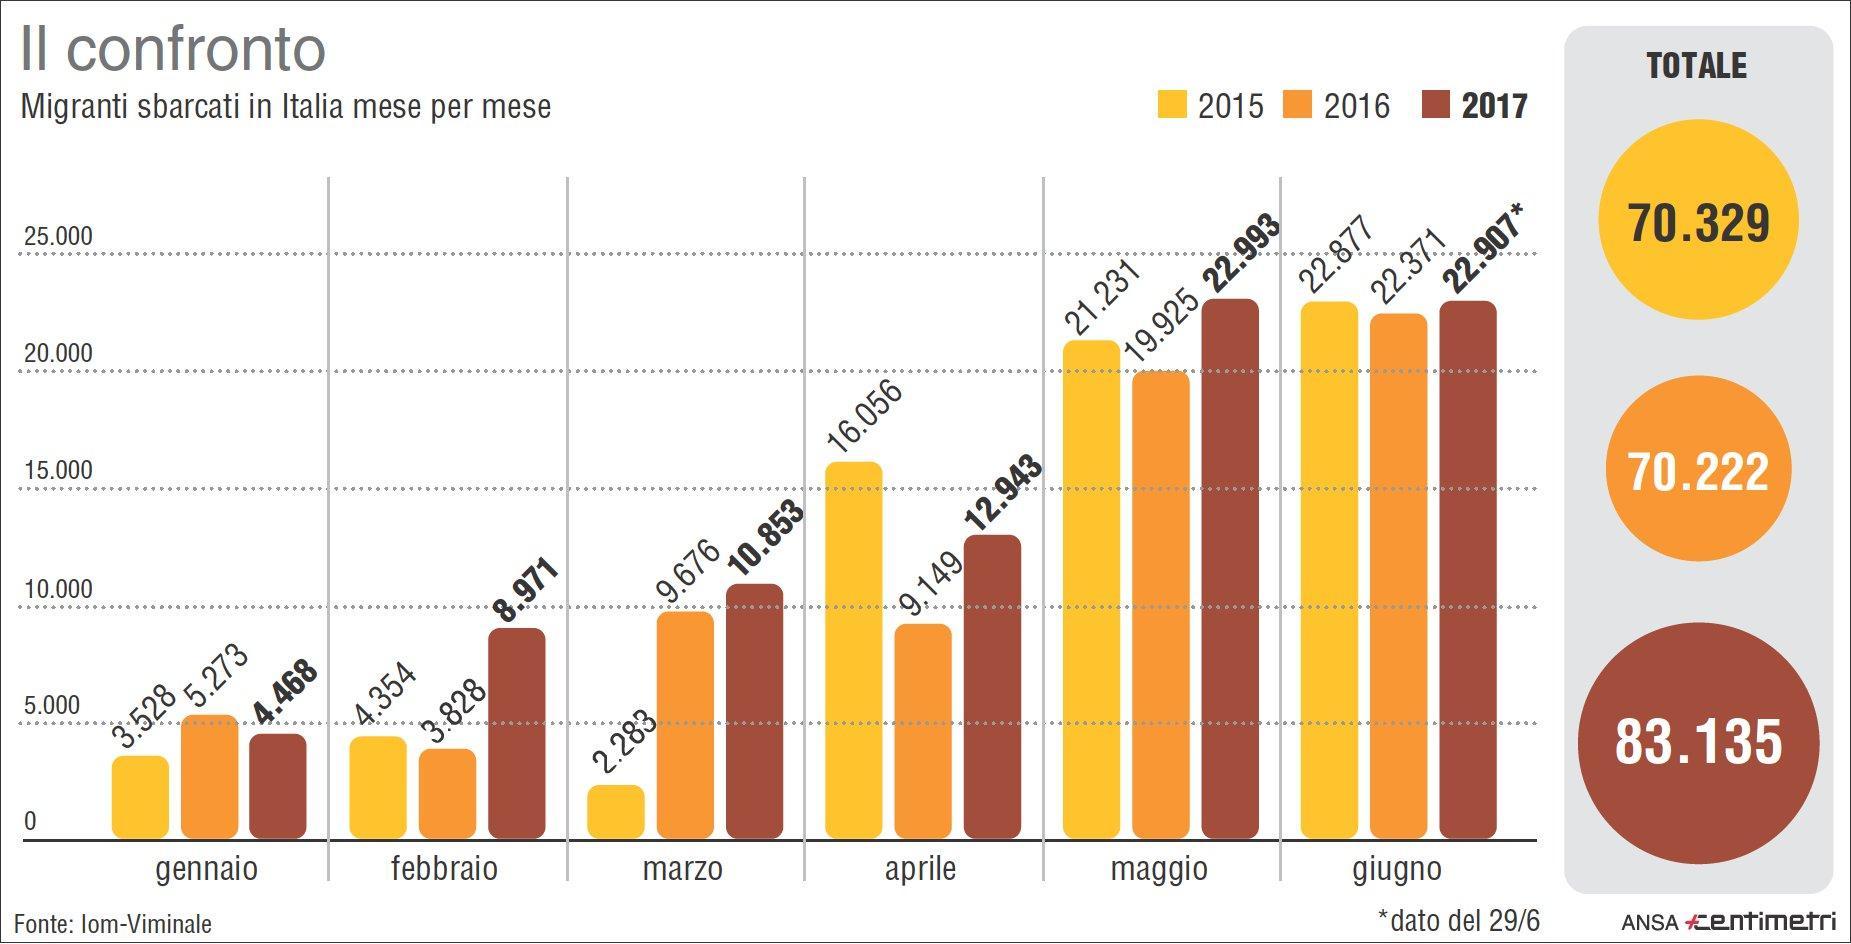 Migranti, il confronto mese per mese degli sbarchi in Italia